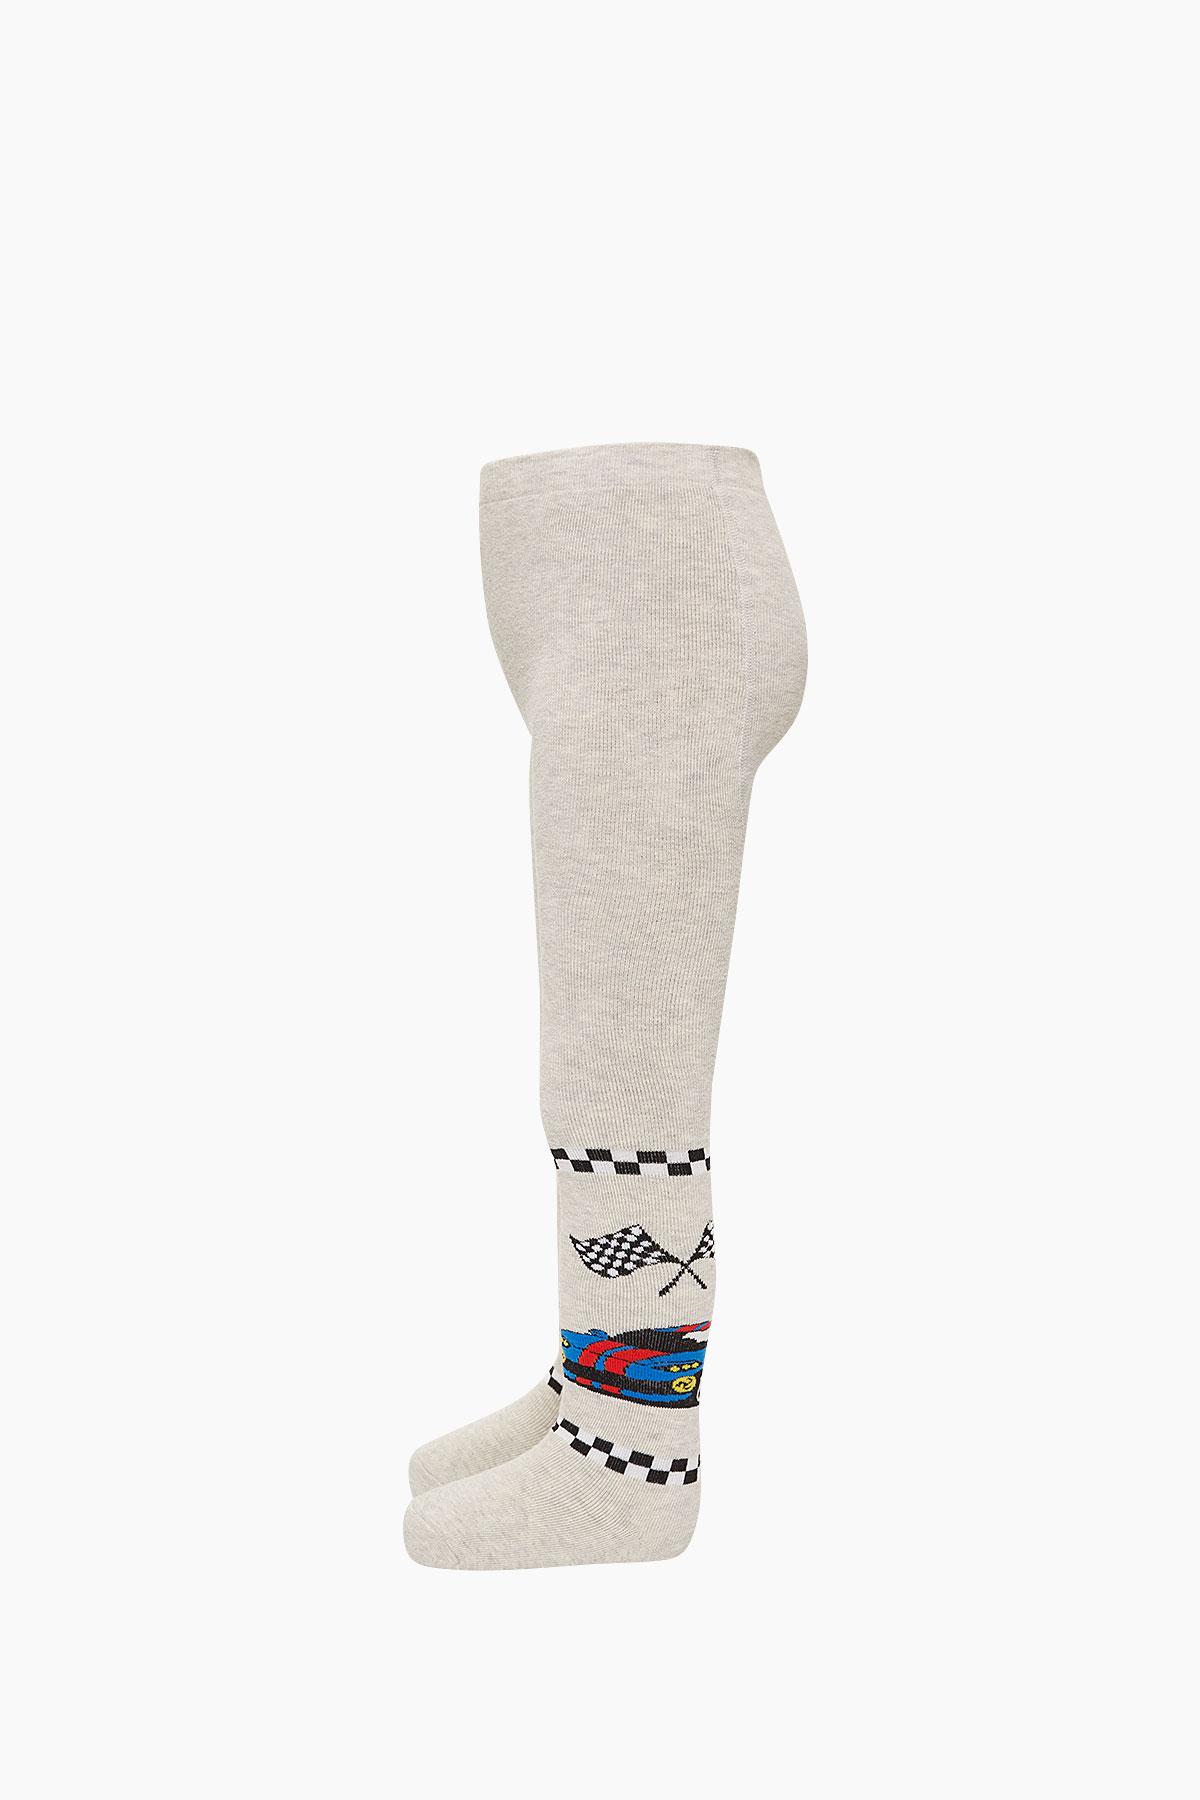 Bross Araba Desenli Havlu Külotlu Çocuk Çorabı - Thumbnail